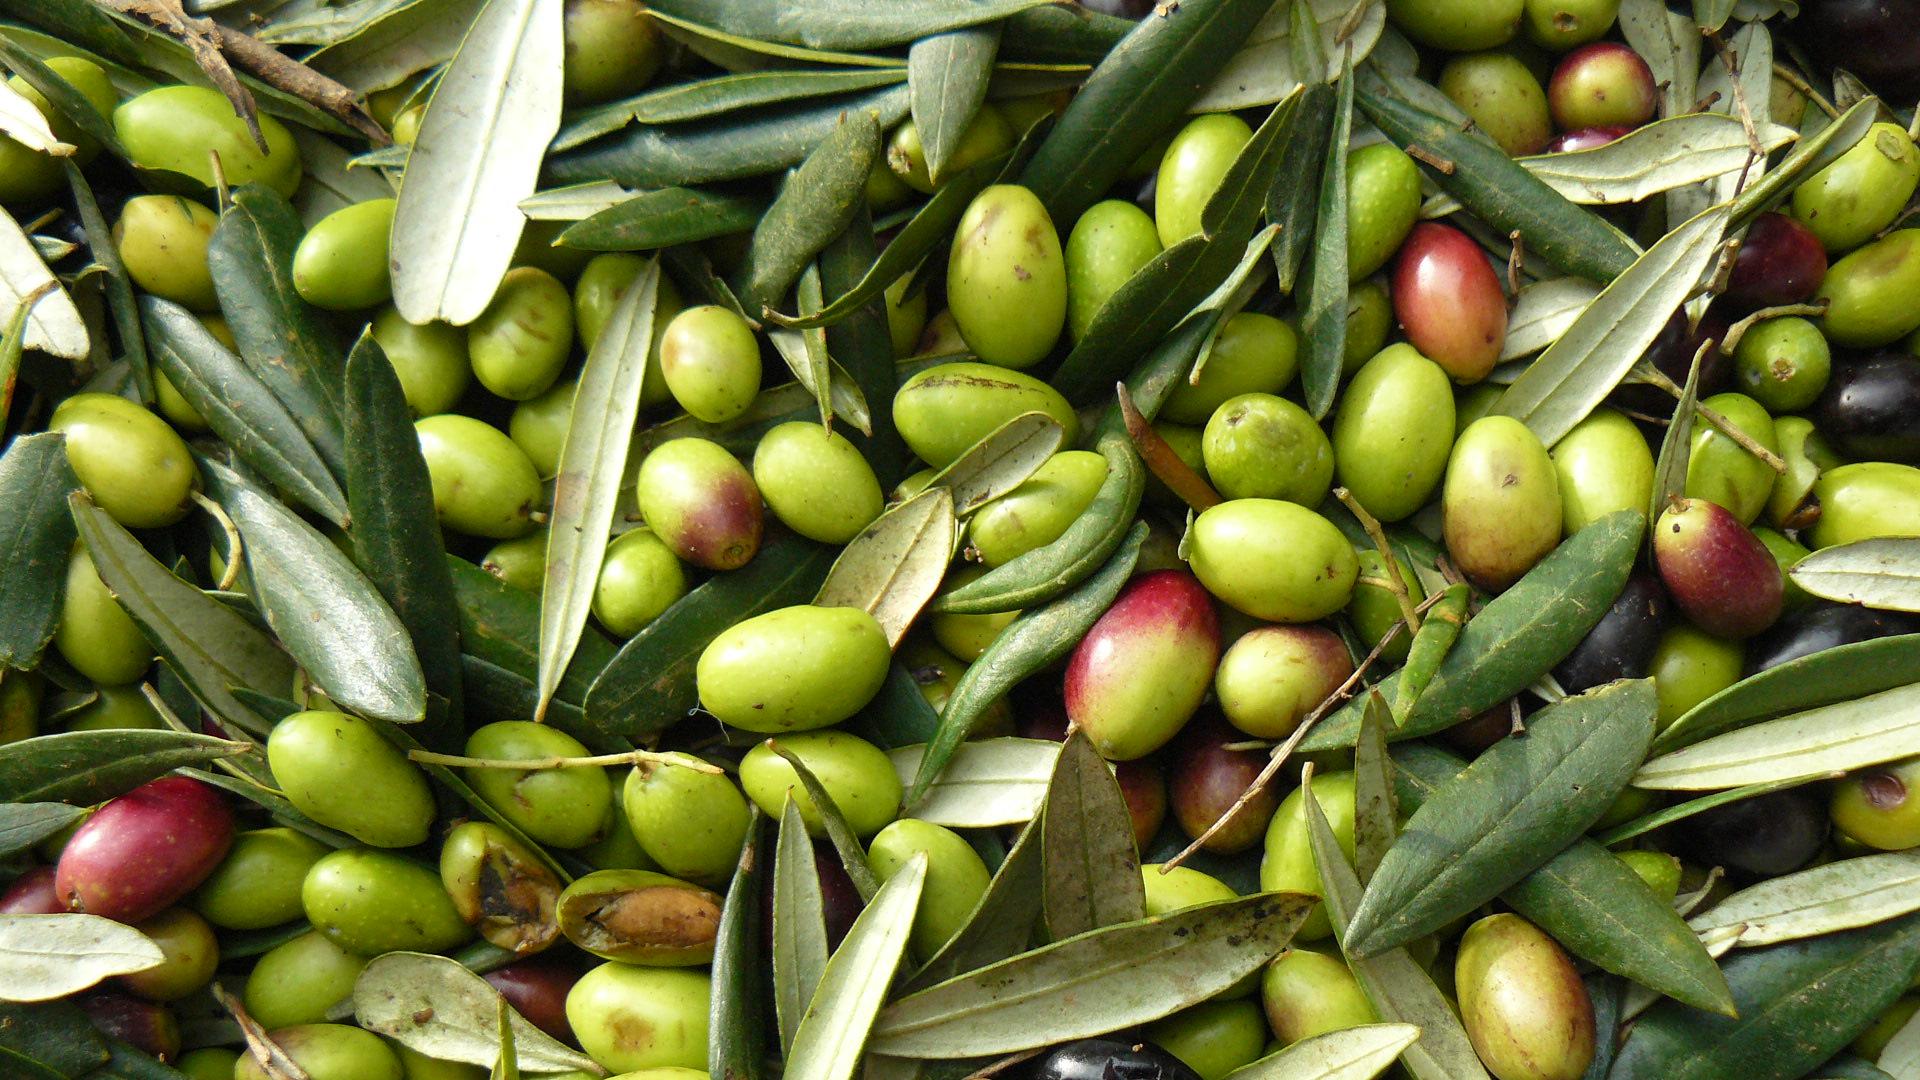 Minicorso di degustazione olio extra vergine d'oliva